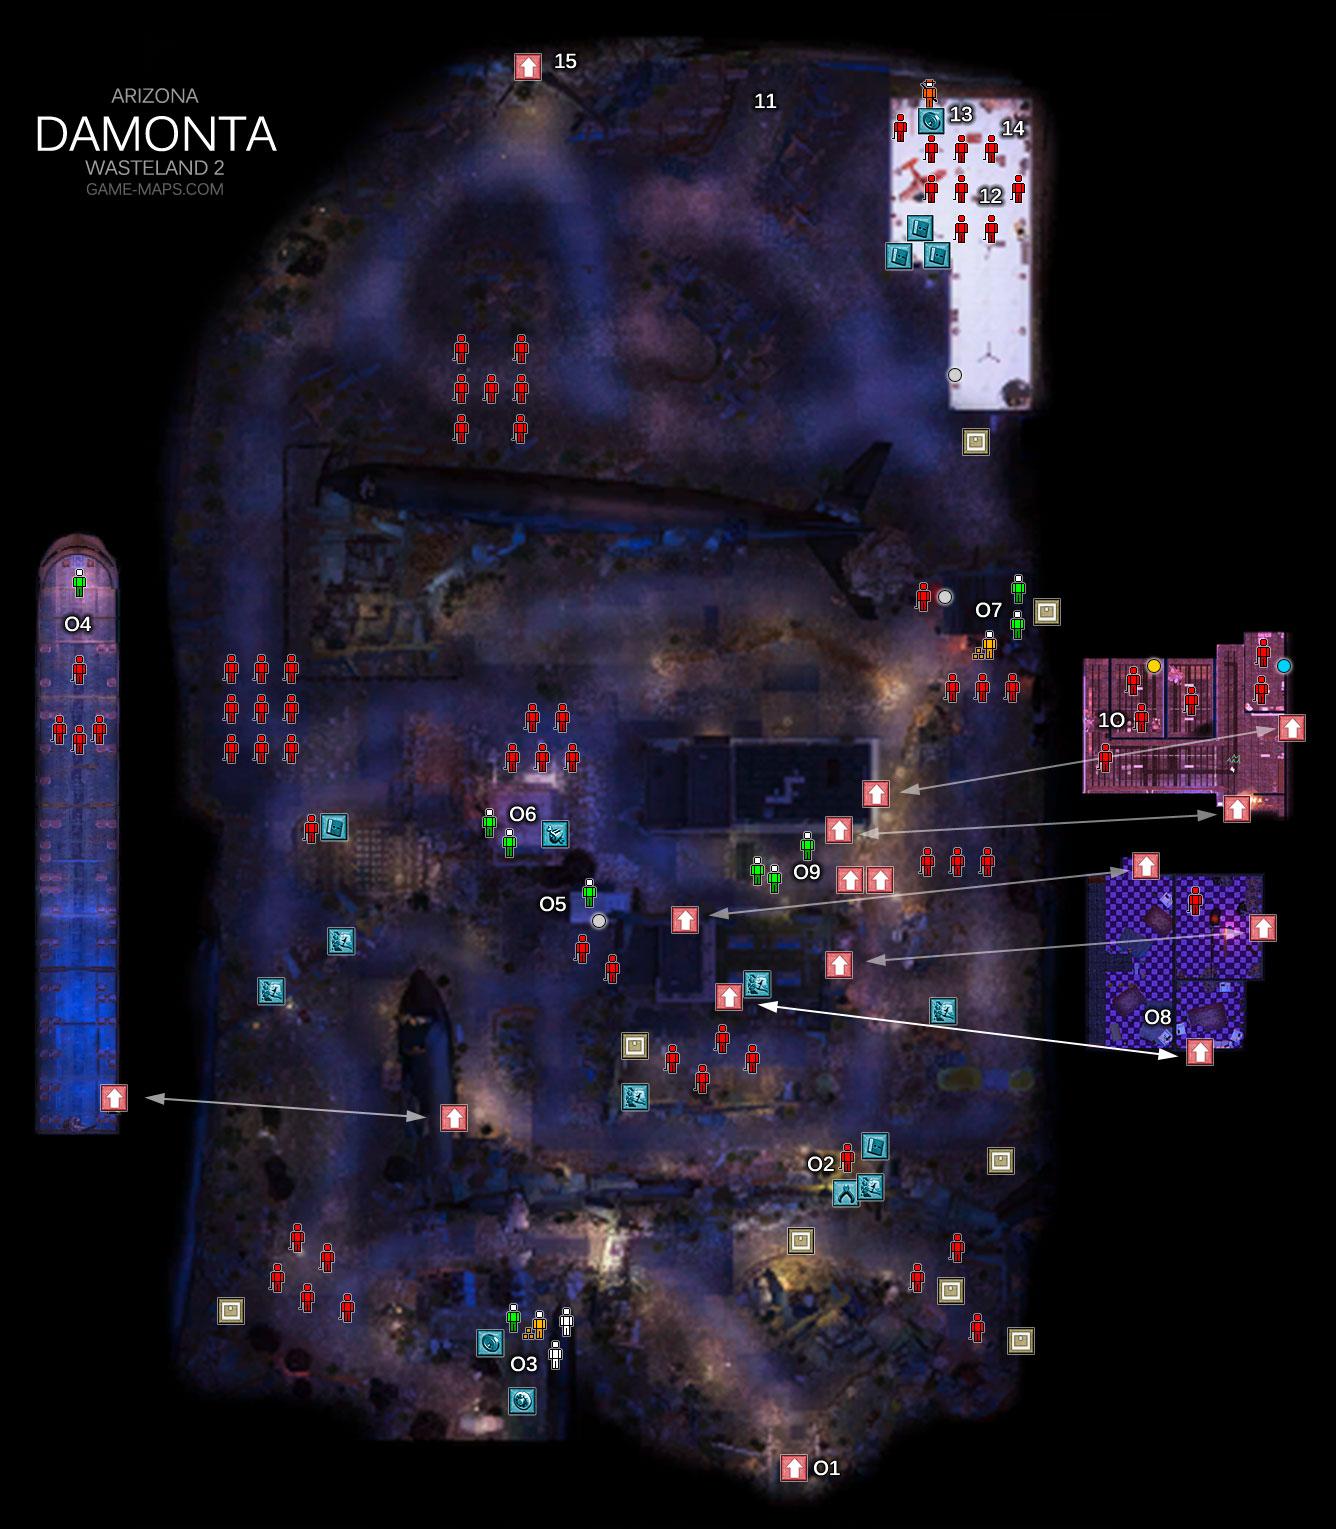 Map Of Arizona Wasteland 2.Damonta Arizona Wasteland 2 Game Maps Com